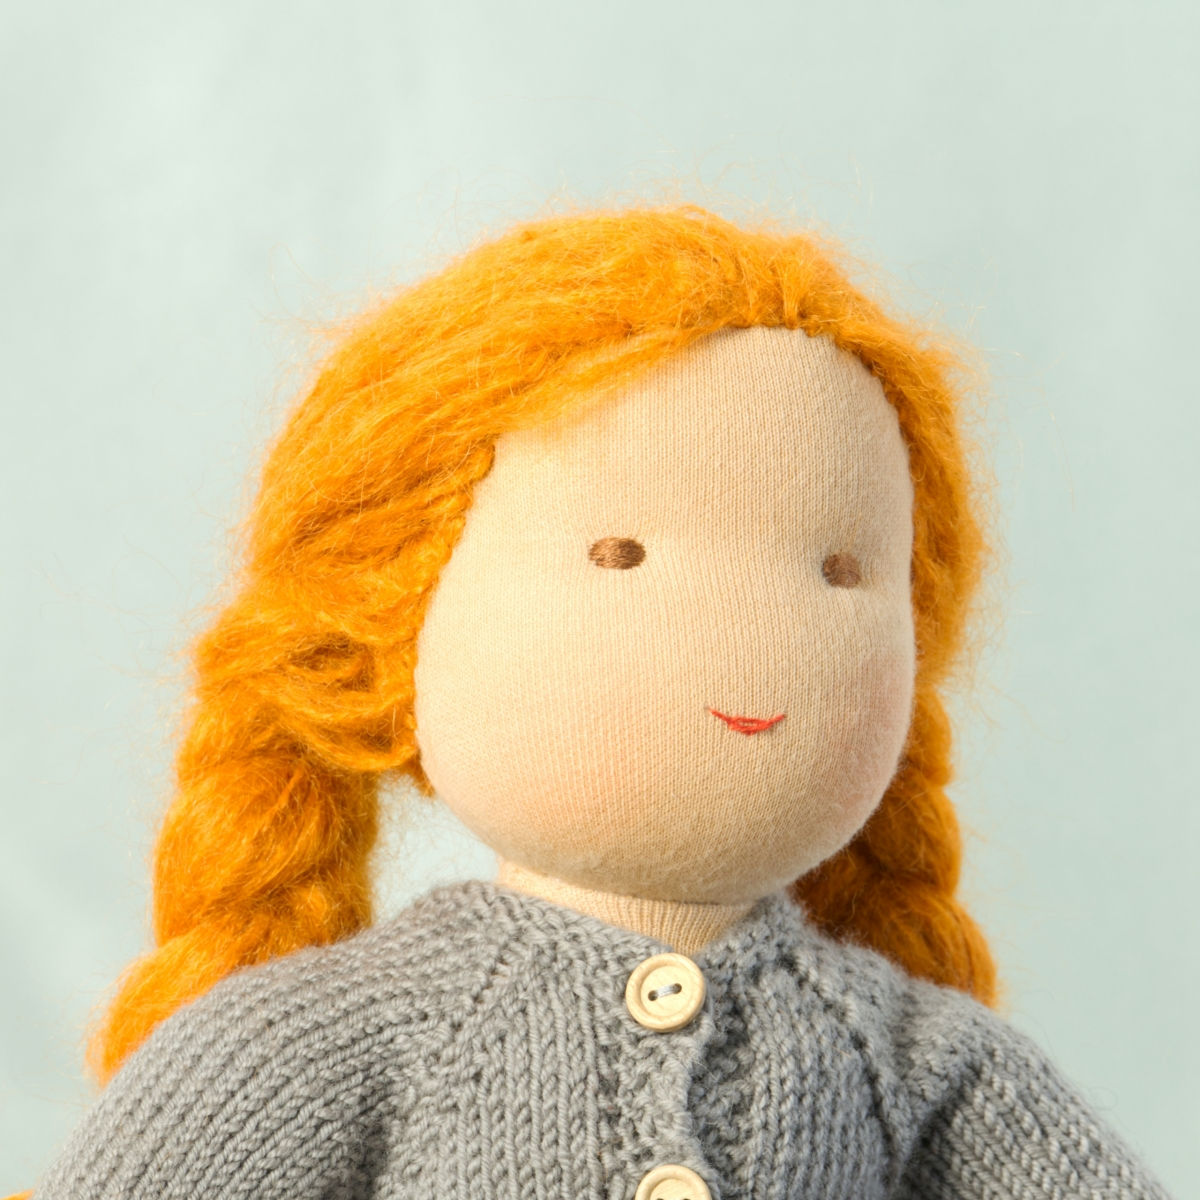 Puppe mit hellem Hautton nach Waldorf-Art, geflochtene lange rote Haare, gekleidet in grauen Strickanzug